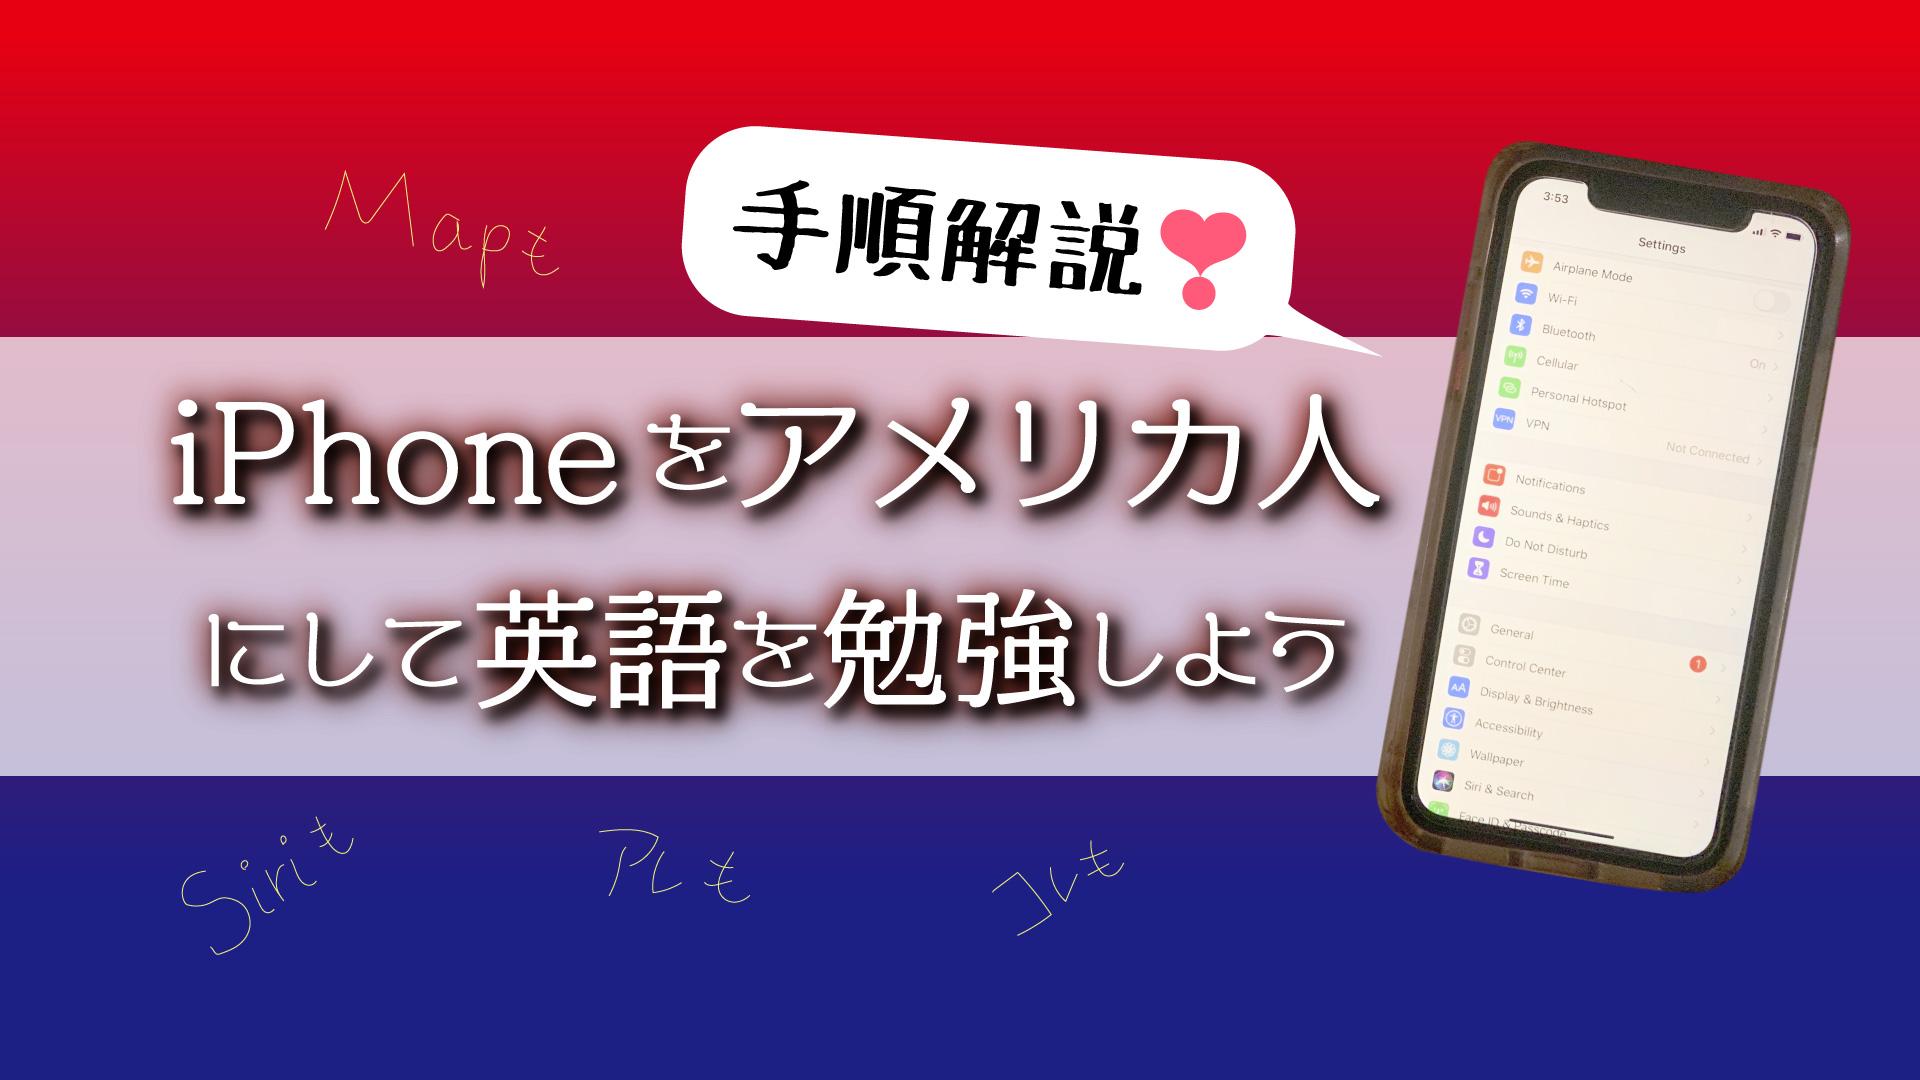 iPhoneをアメリカ人にして英語を勉強しよう 手順解説